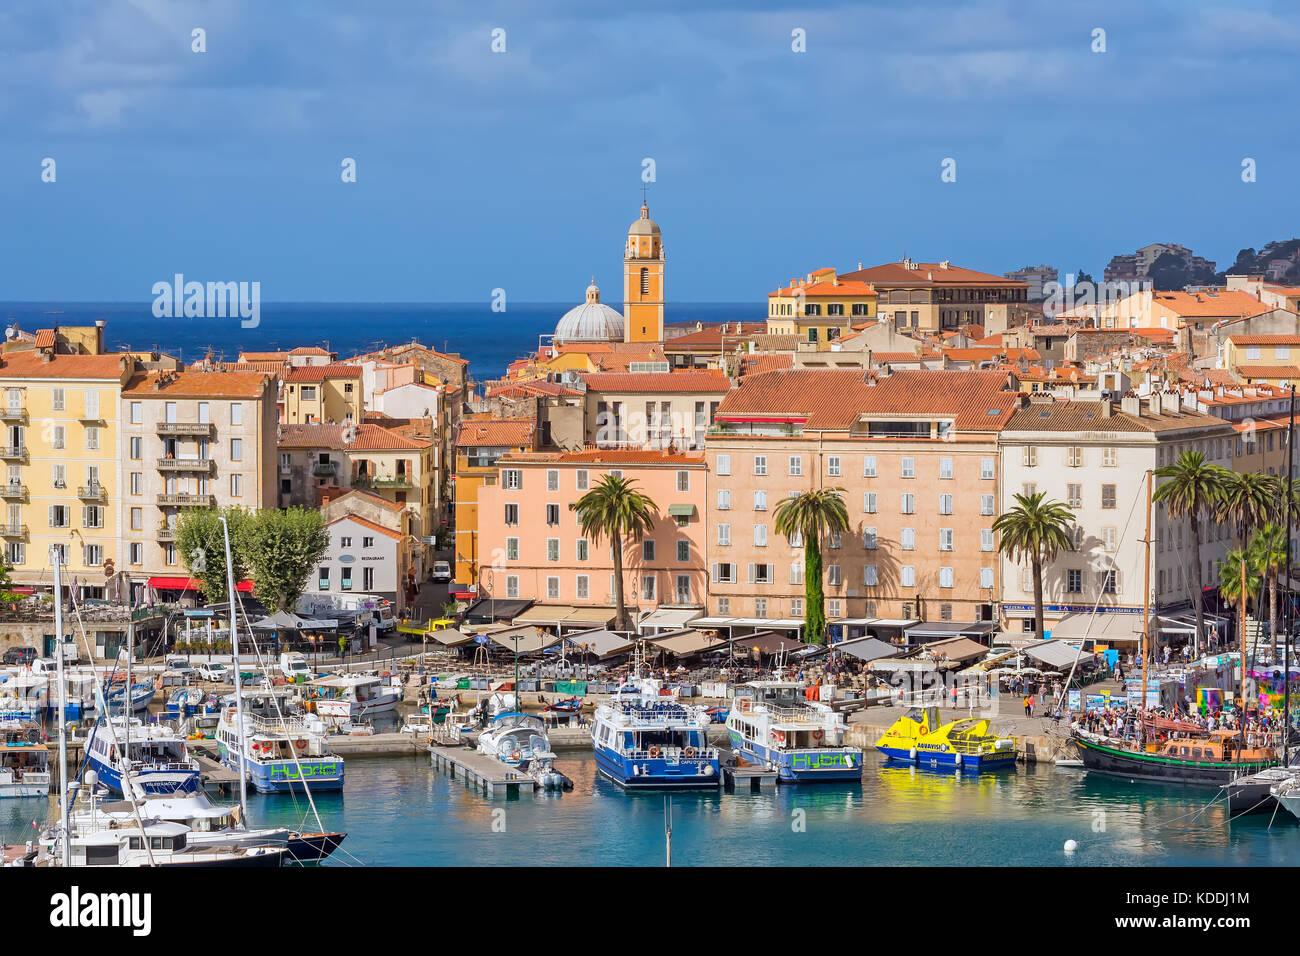 Oben auf Ajaccio Hafen und die Altstadt, Korsika, Frankreich. Stockbild